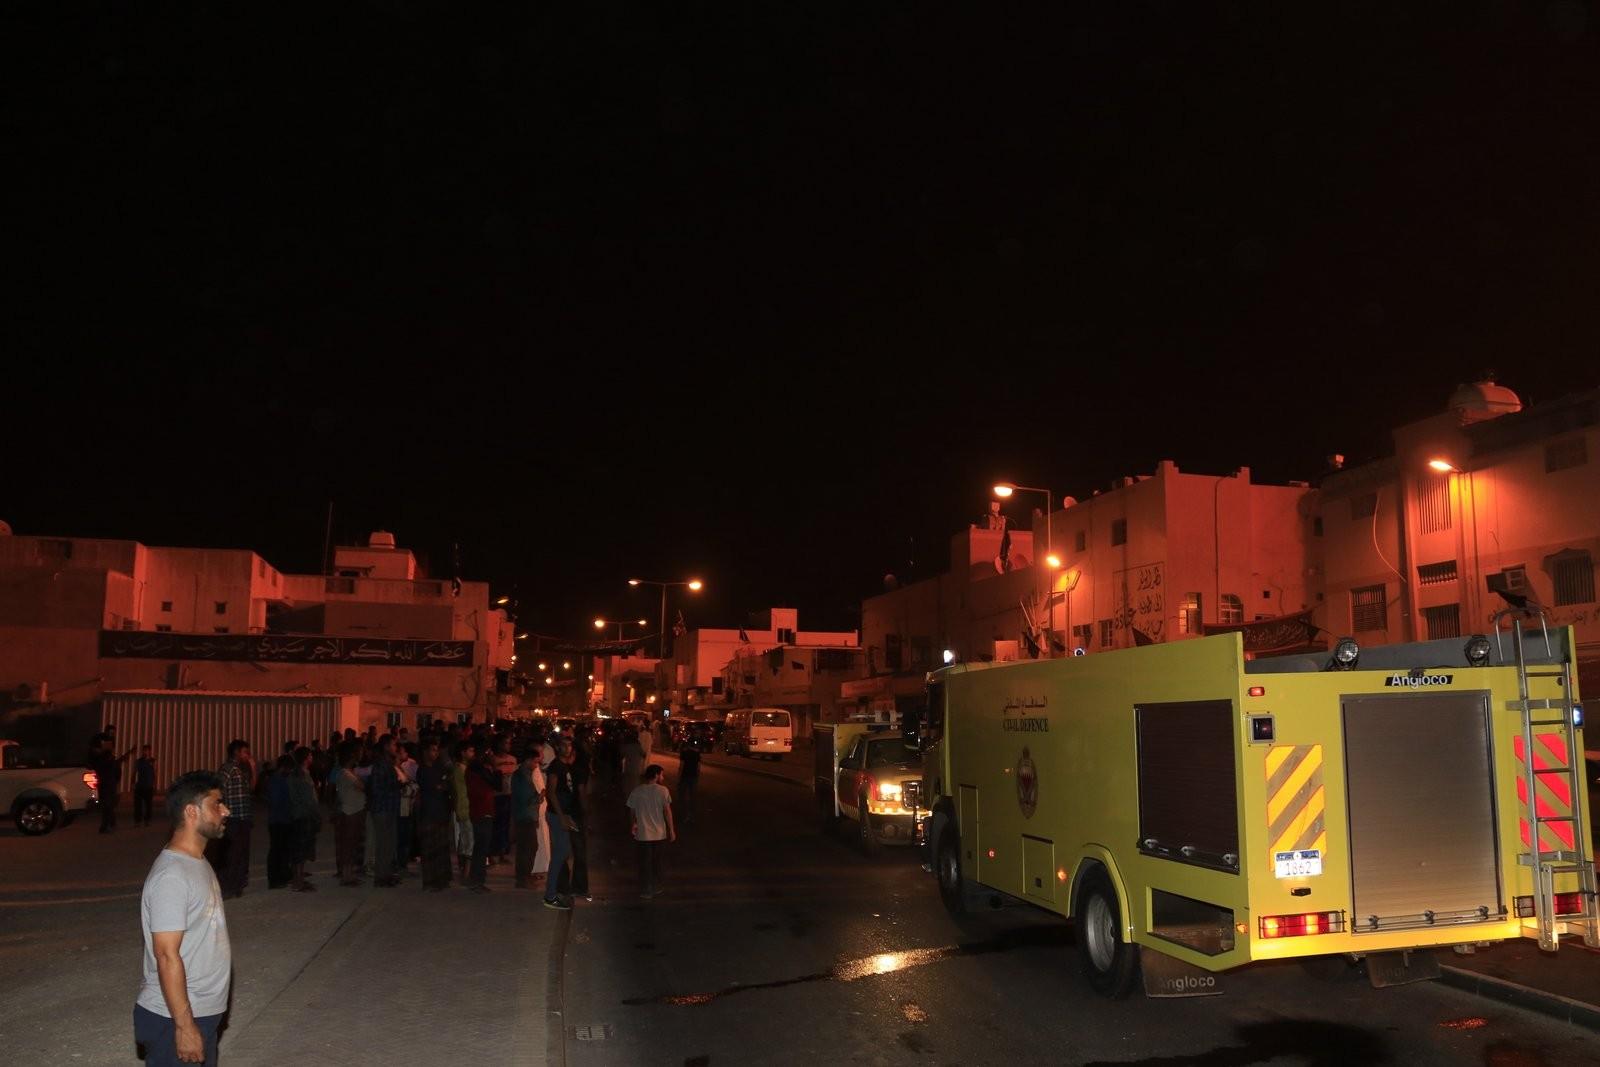 أهالي بوري: استهداف أنبوب النفط عمل إرهابي غريب عن أجواء البحرين الآمنة